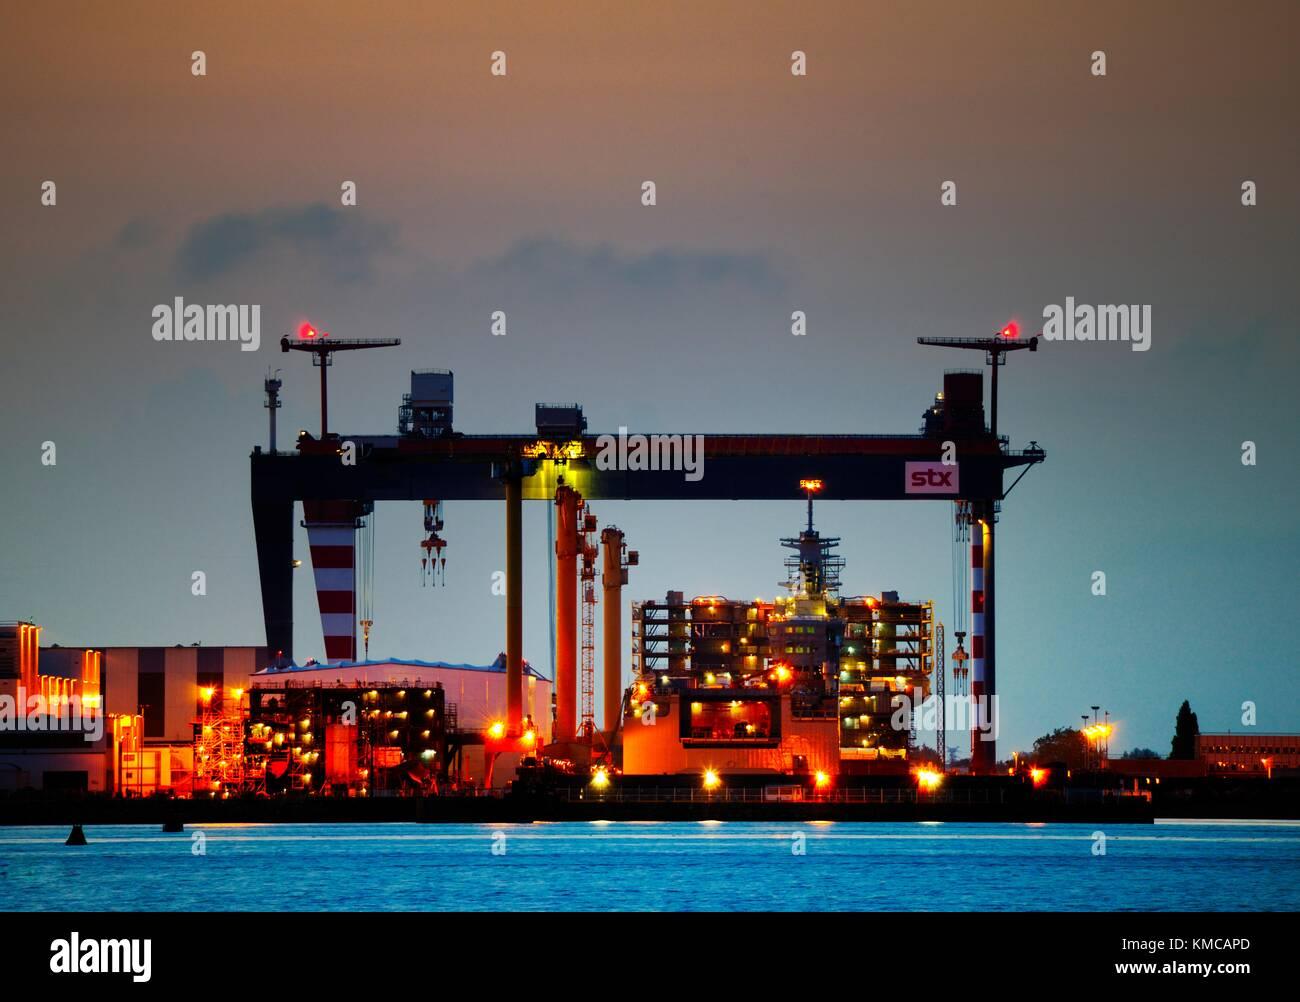 Massive Chantiers de l'Atlantique shipyard construction dry docks. Saint-Nazaire, France. Ocean liner ship building - Stock Image